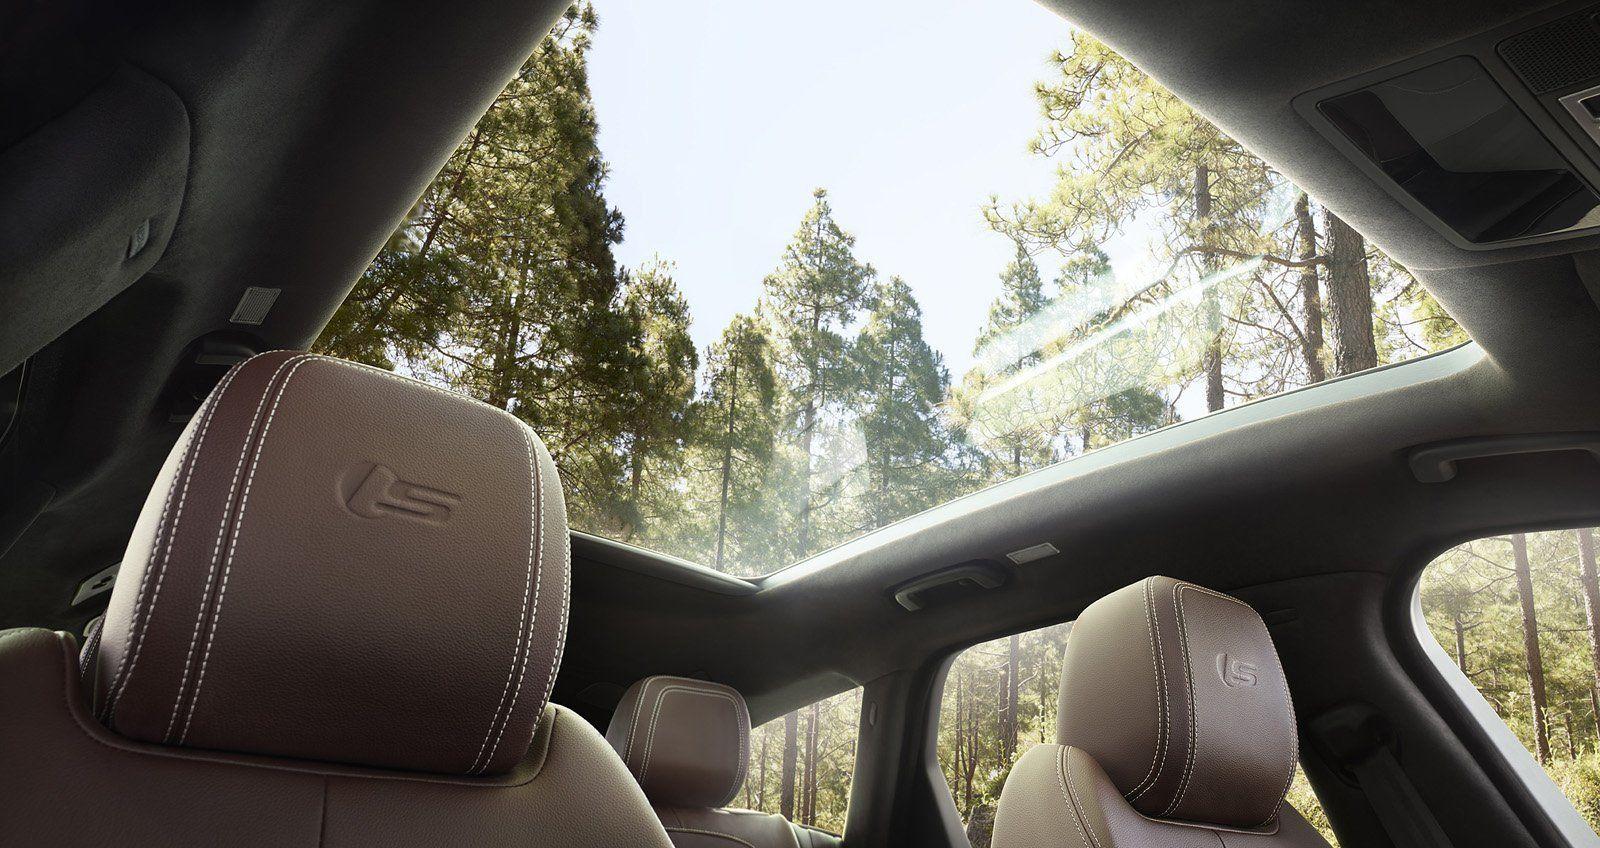 Универсал Ягуар XFSportbrake для США будет стоить 70 450 долларов